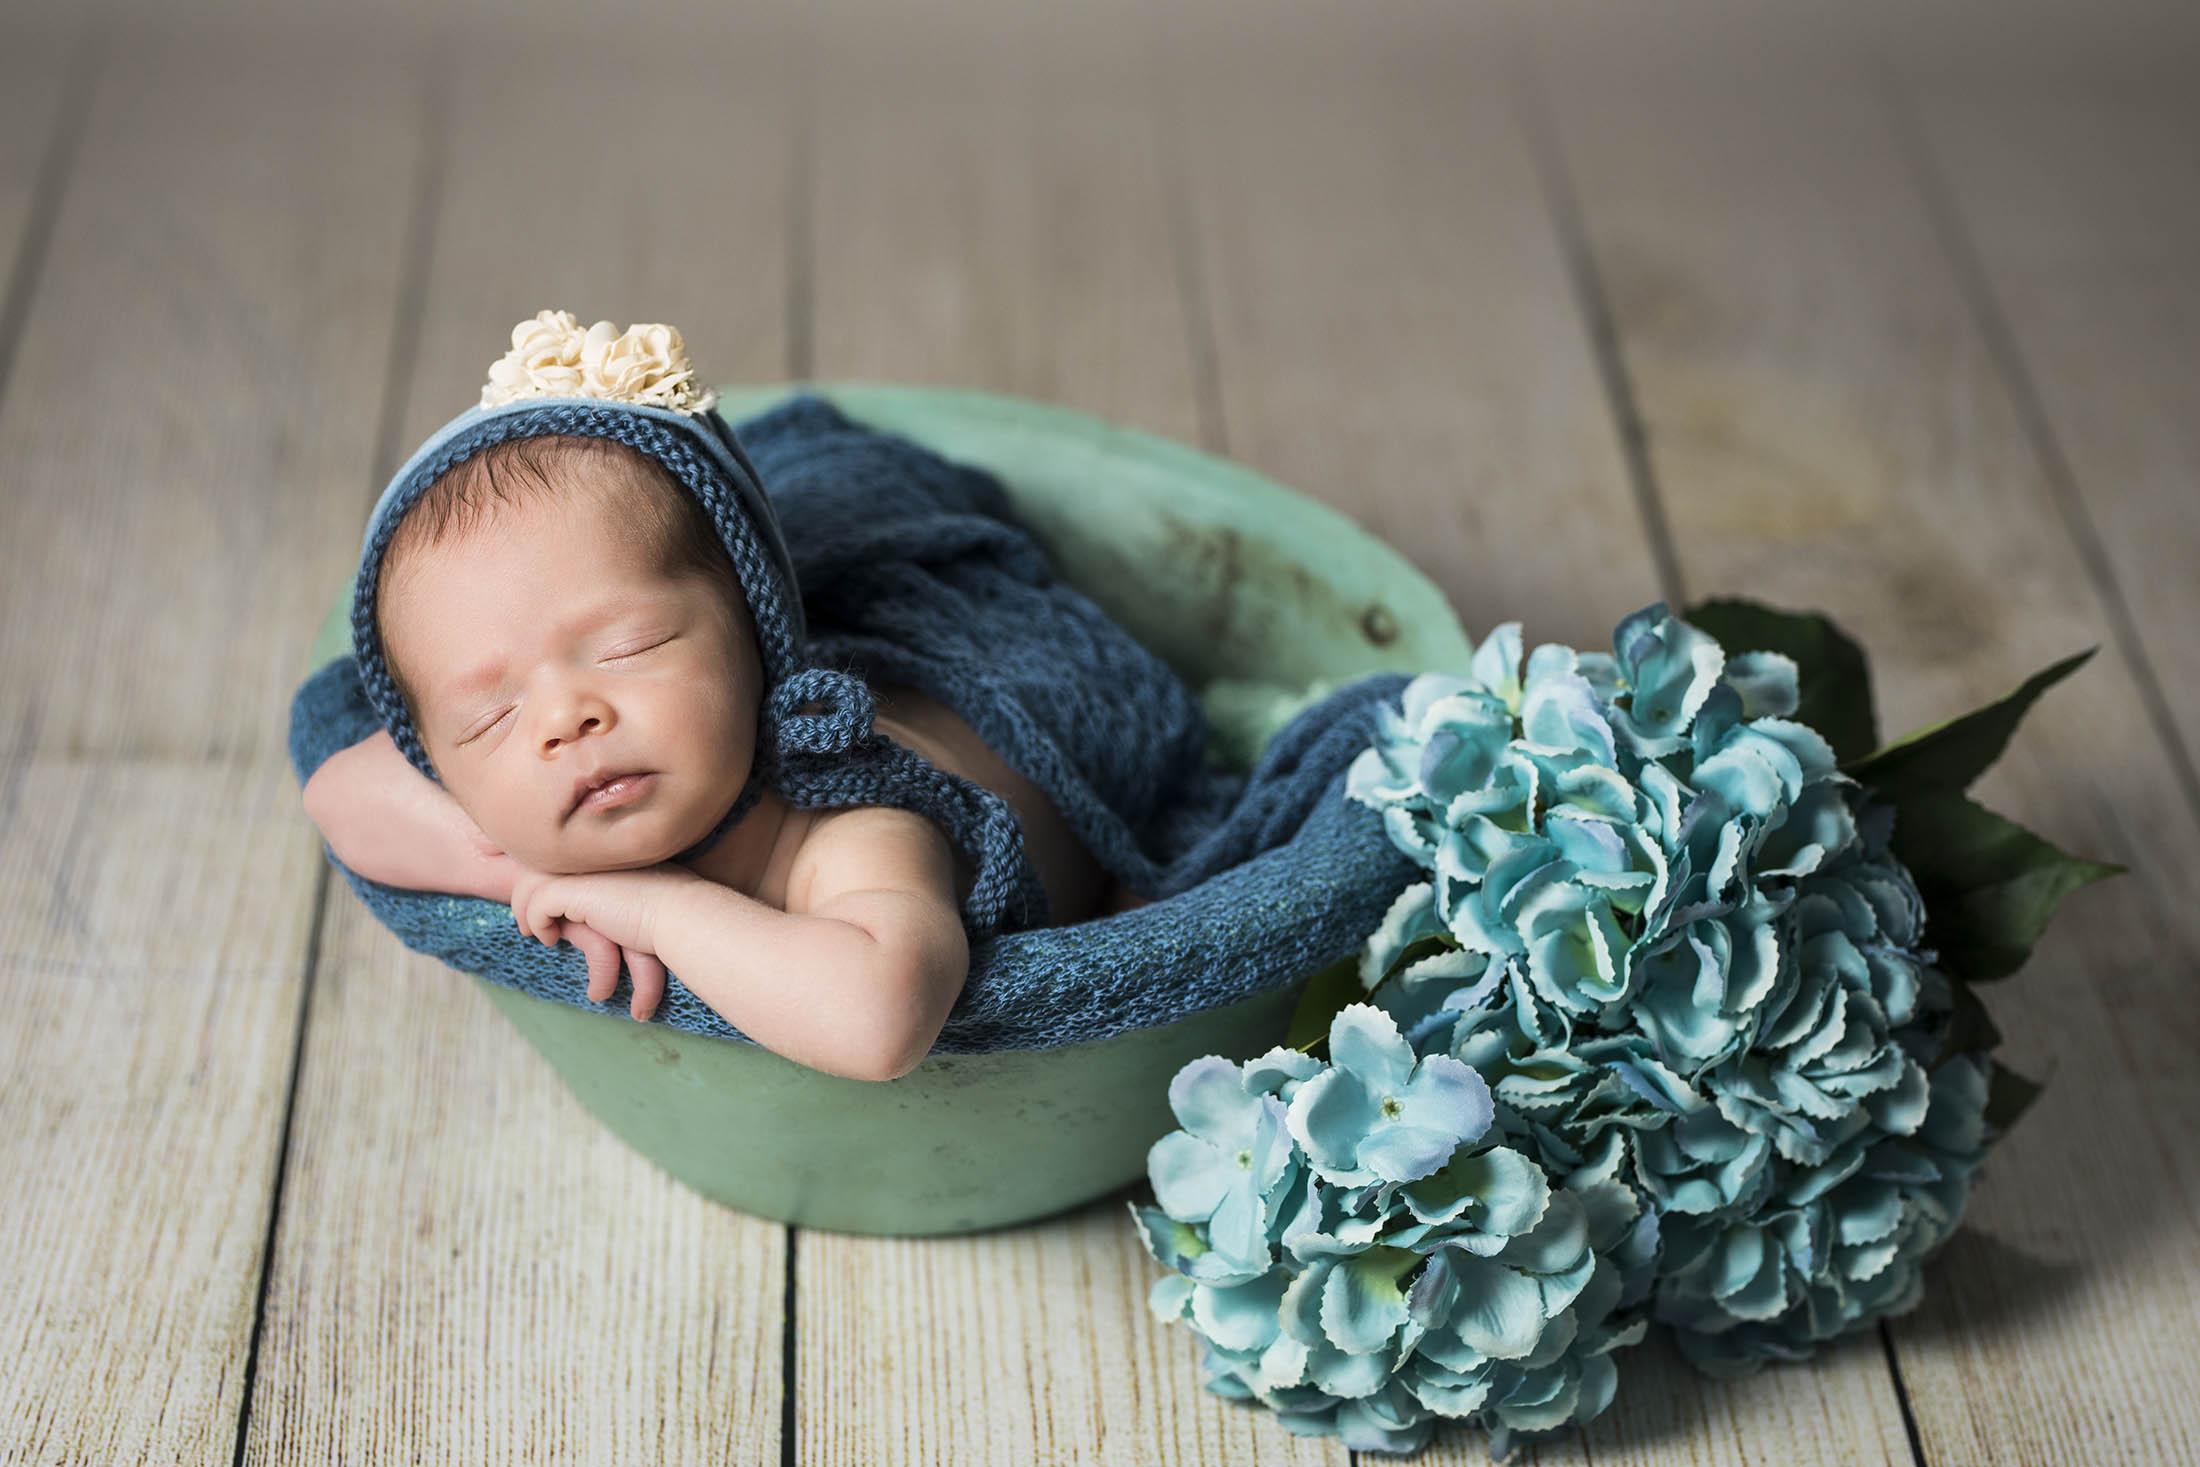 fotografias geniales de bebes